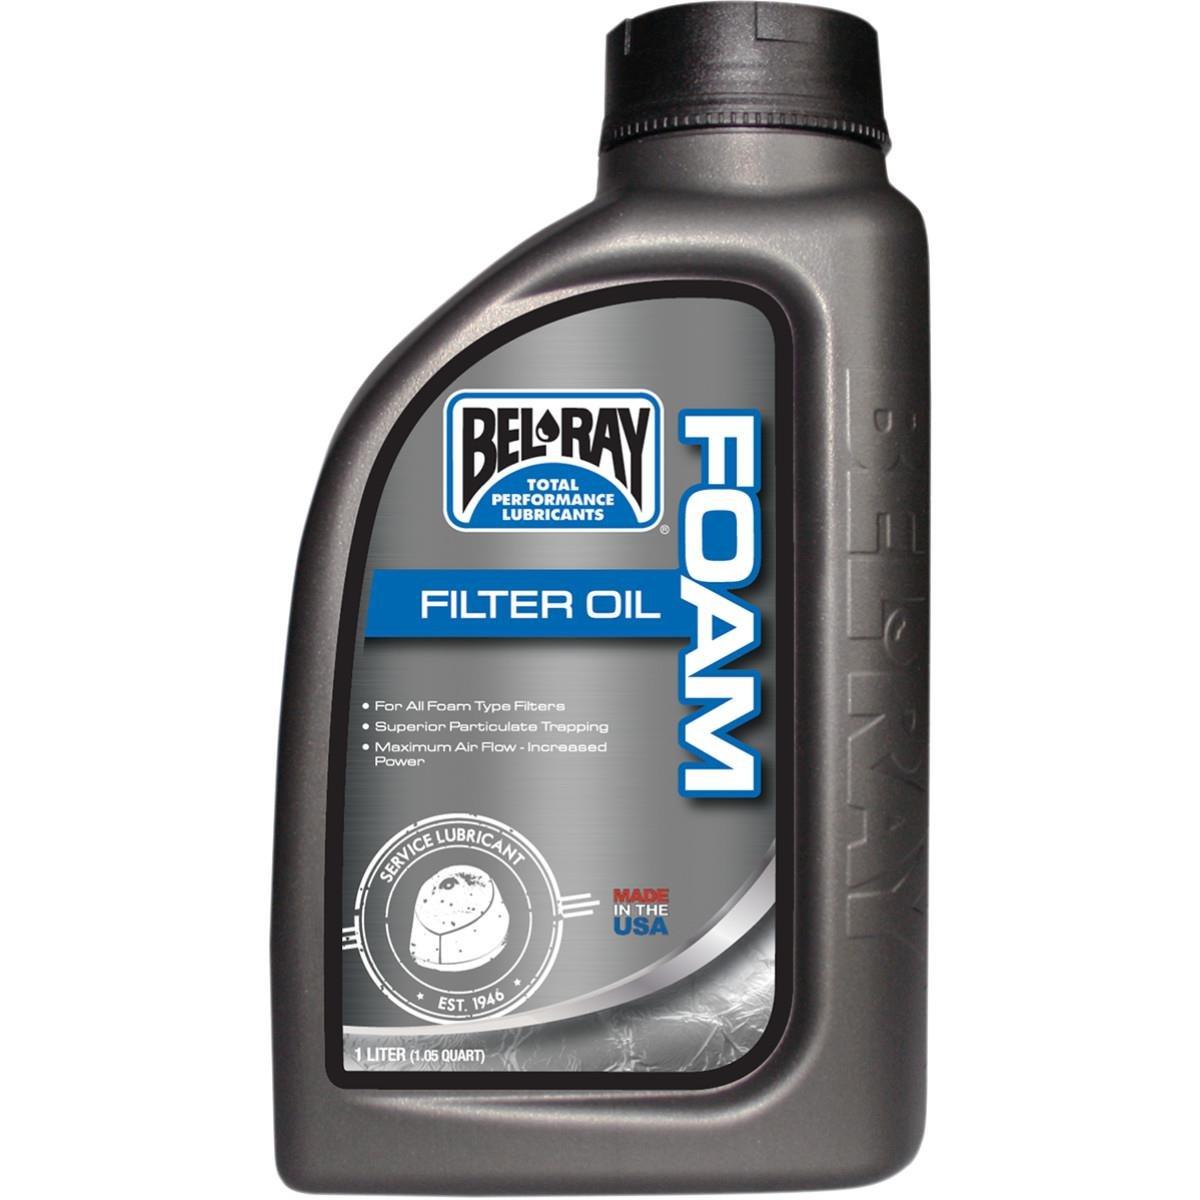 Oro filtro tepalas Bel-Ray FOAM FILTER OIL (1l bottle)